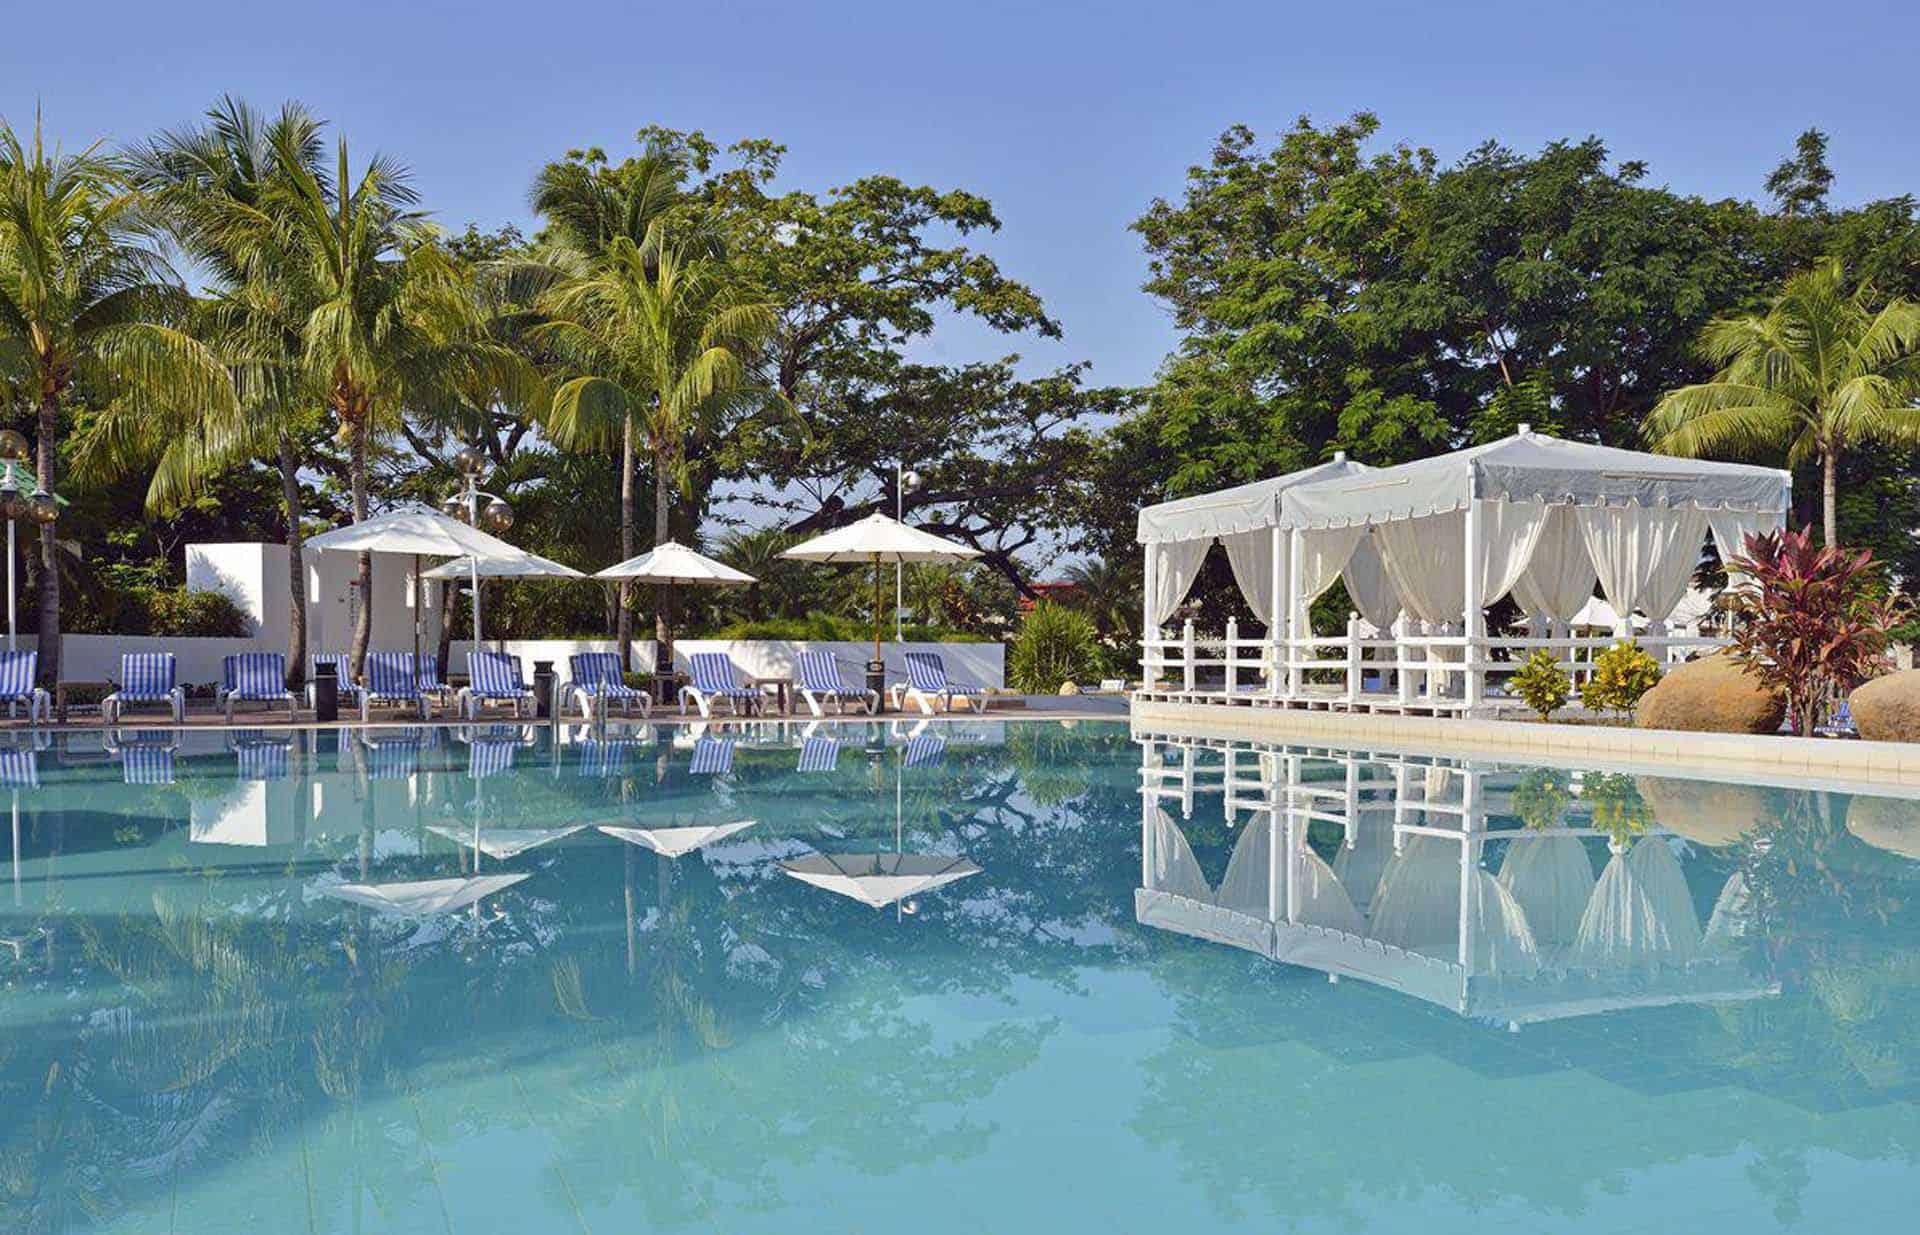 H1630 Piscine de hotel Melia Santiago de Cuba